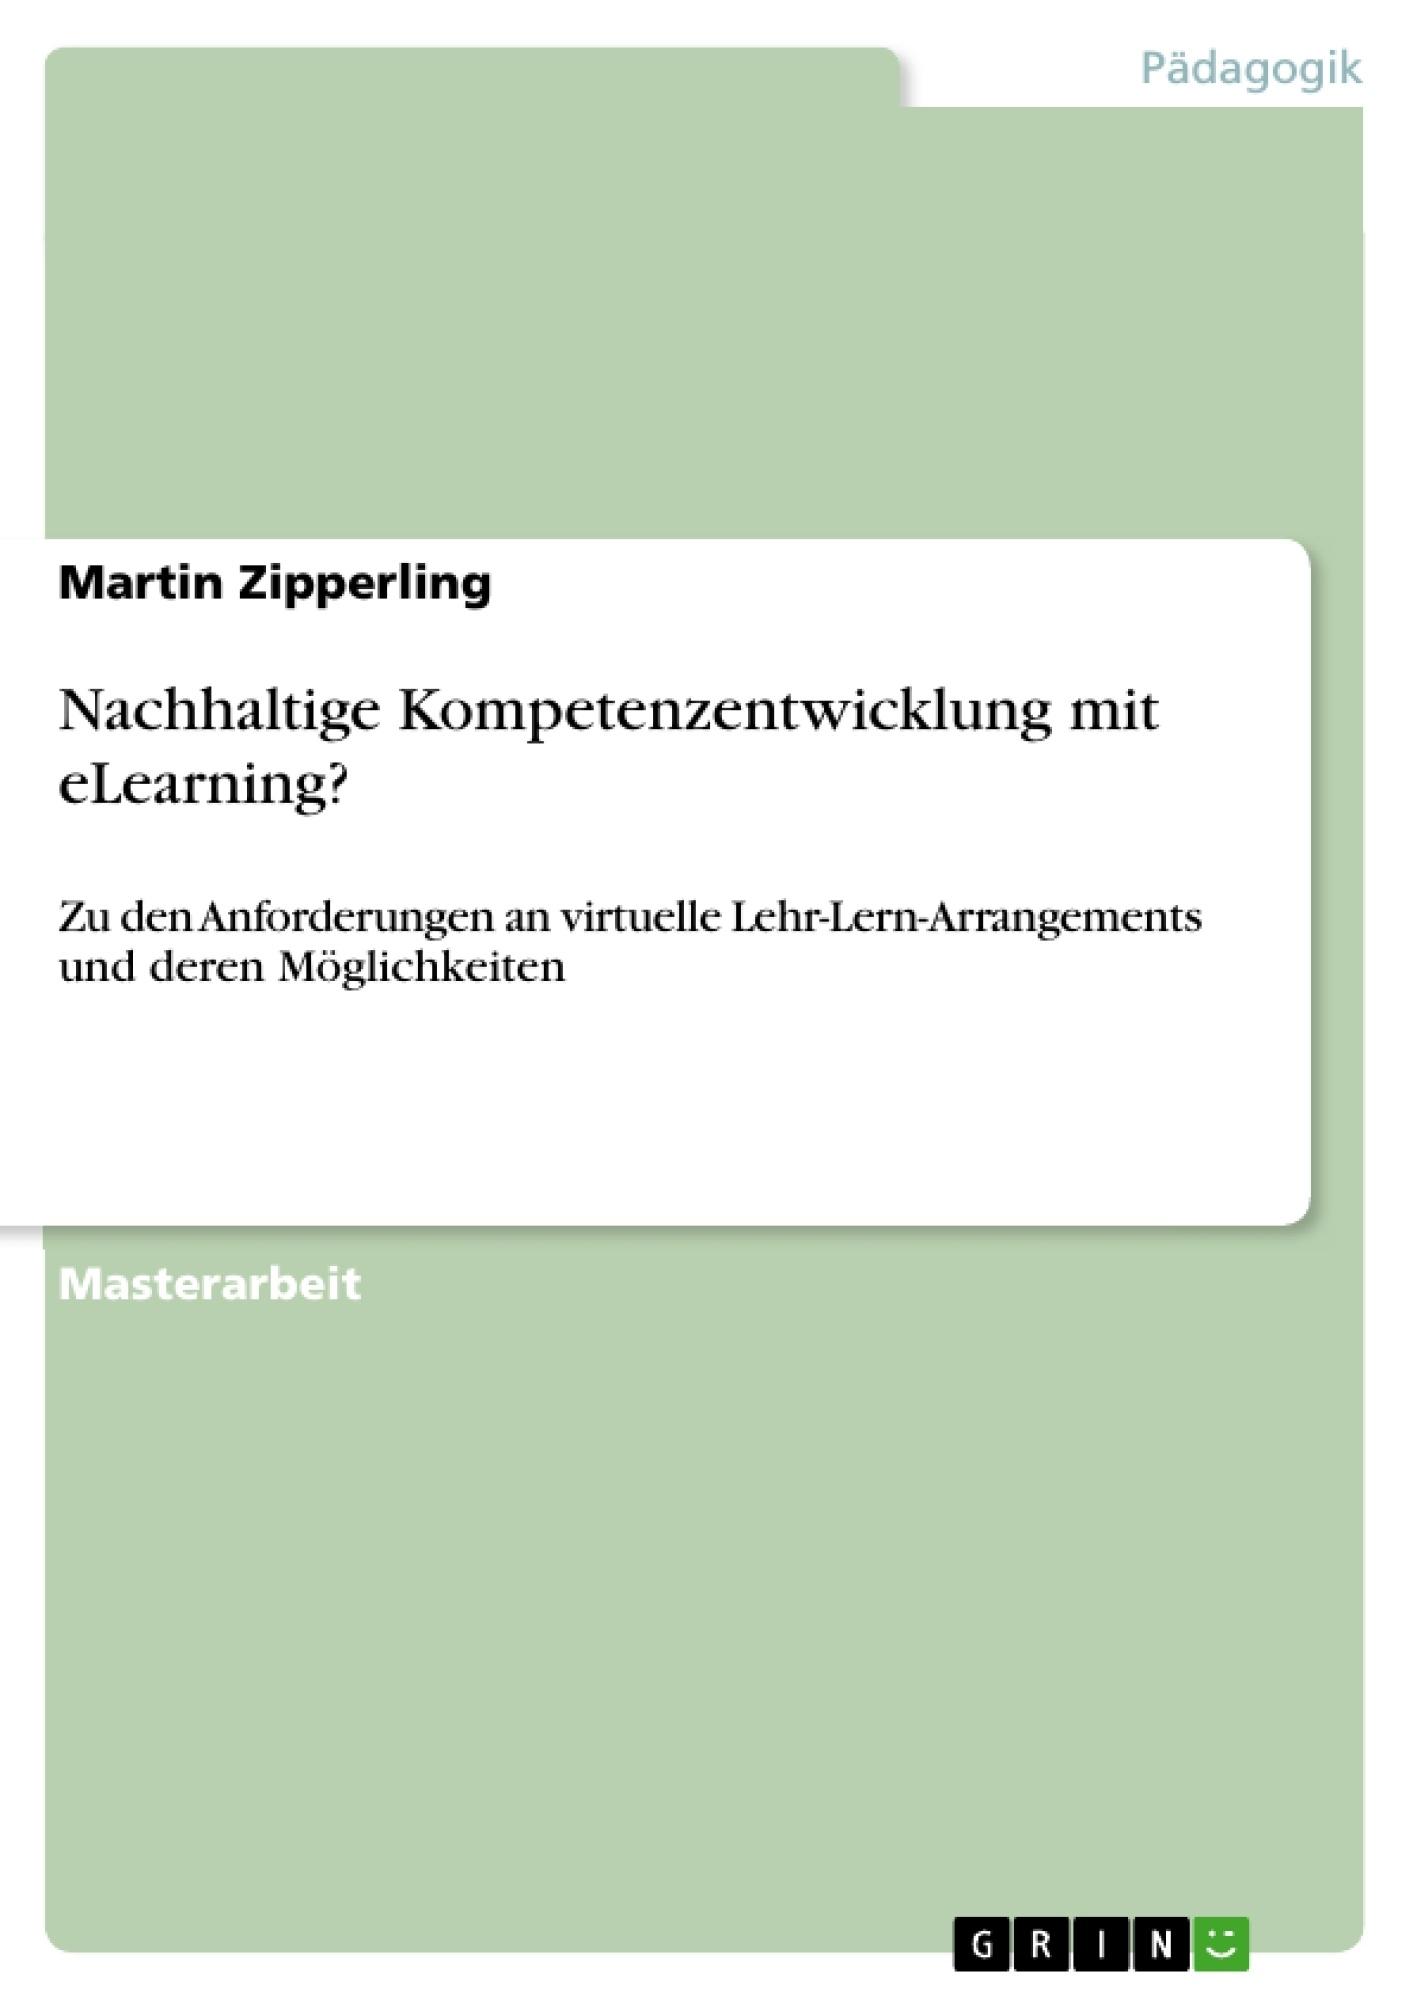 Titel: Nachhaltige Kompetenzentwicklung mit eLearning?